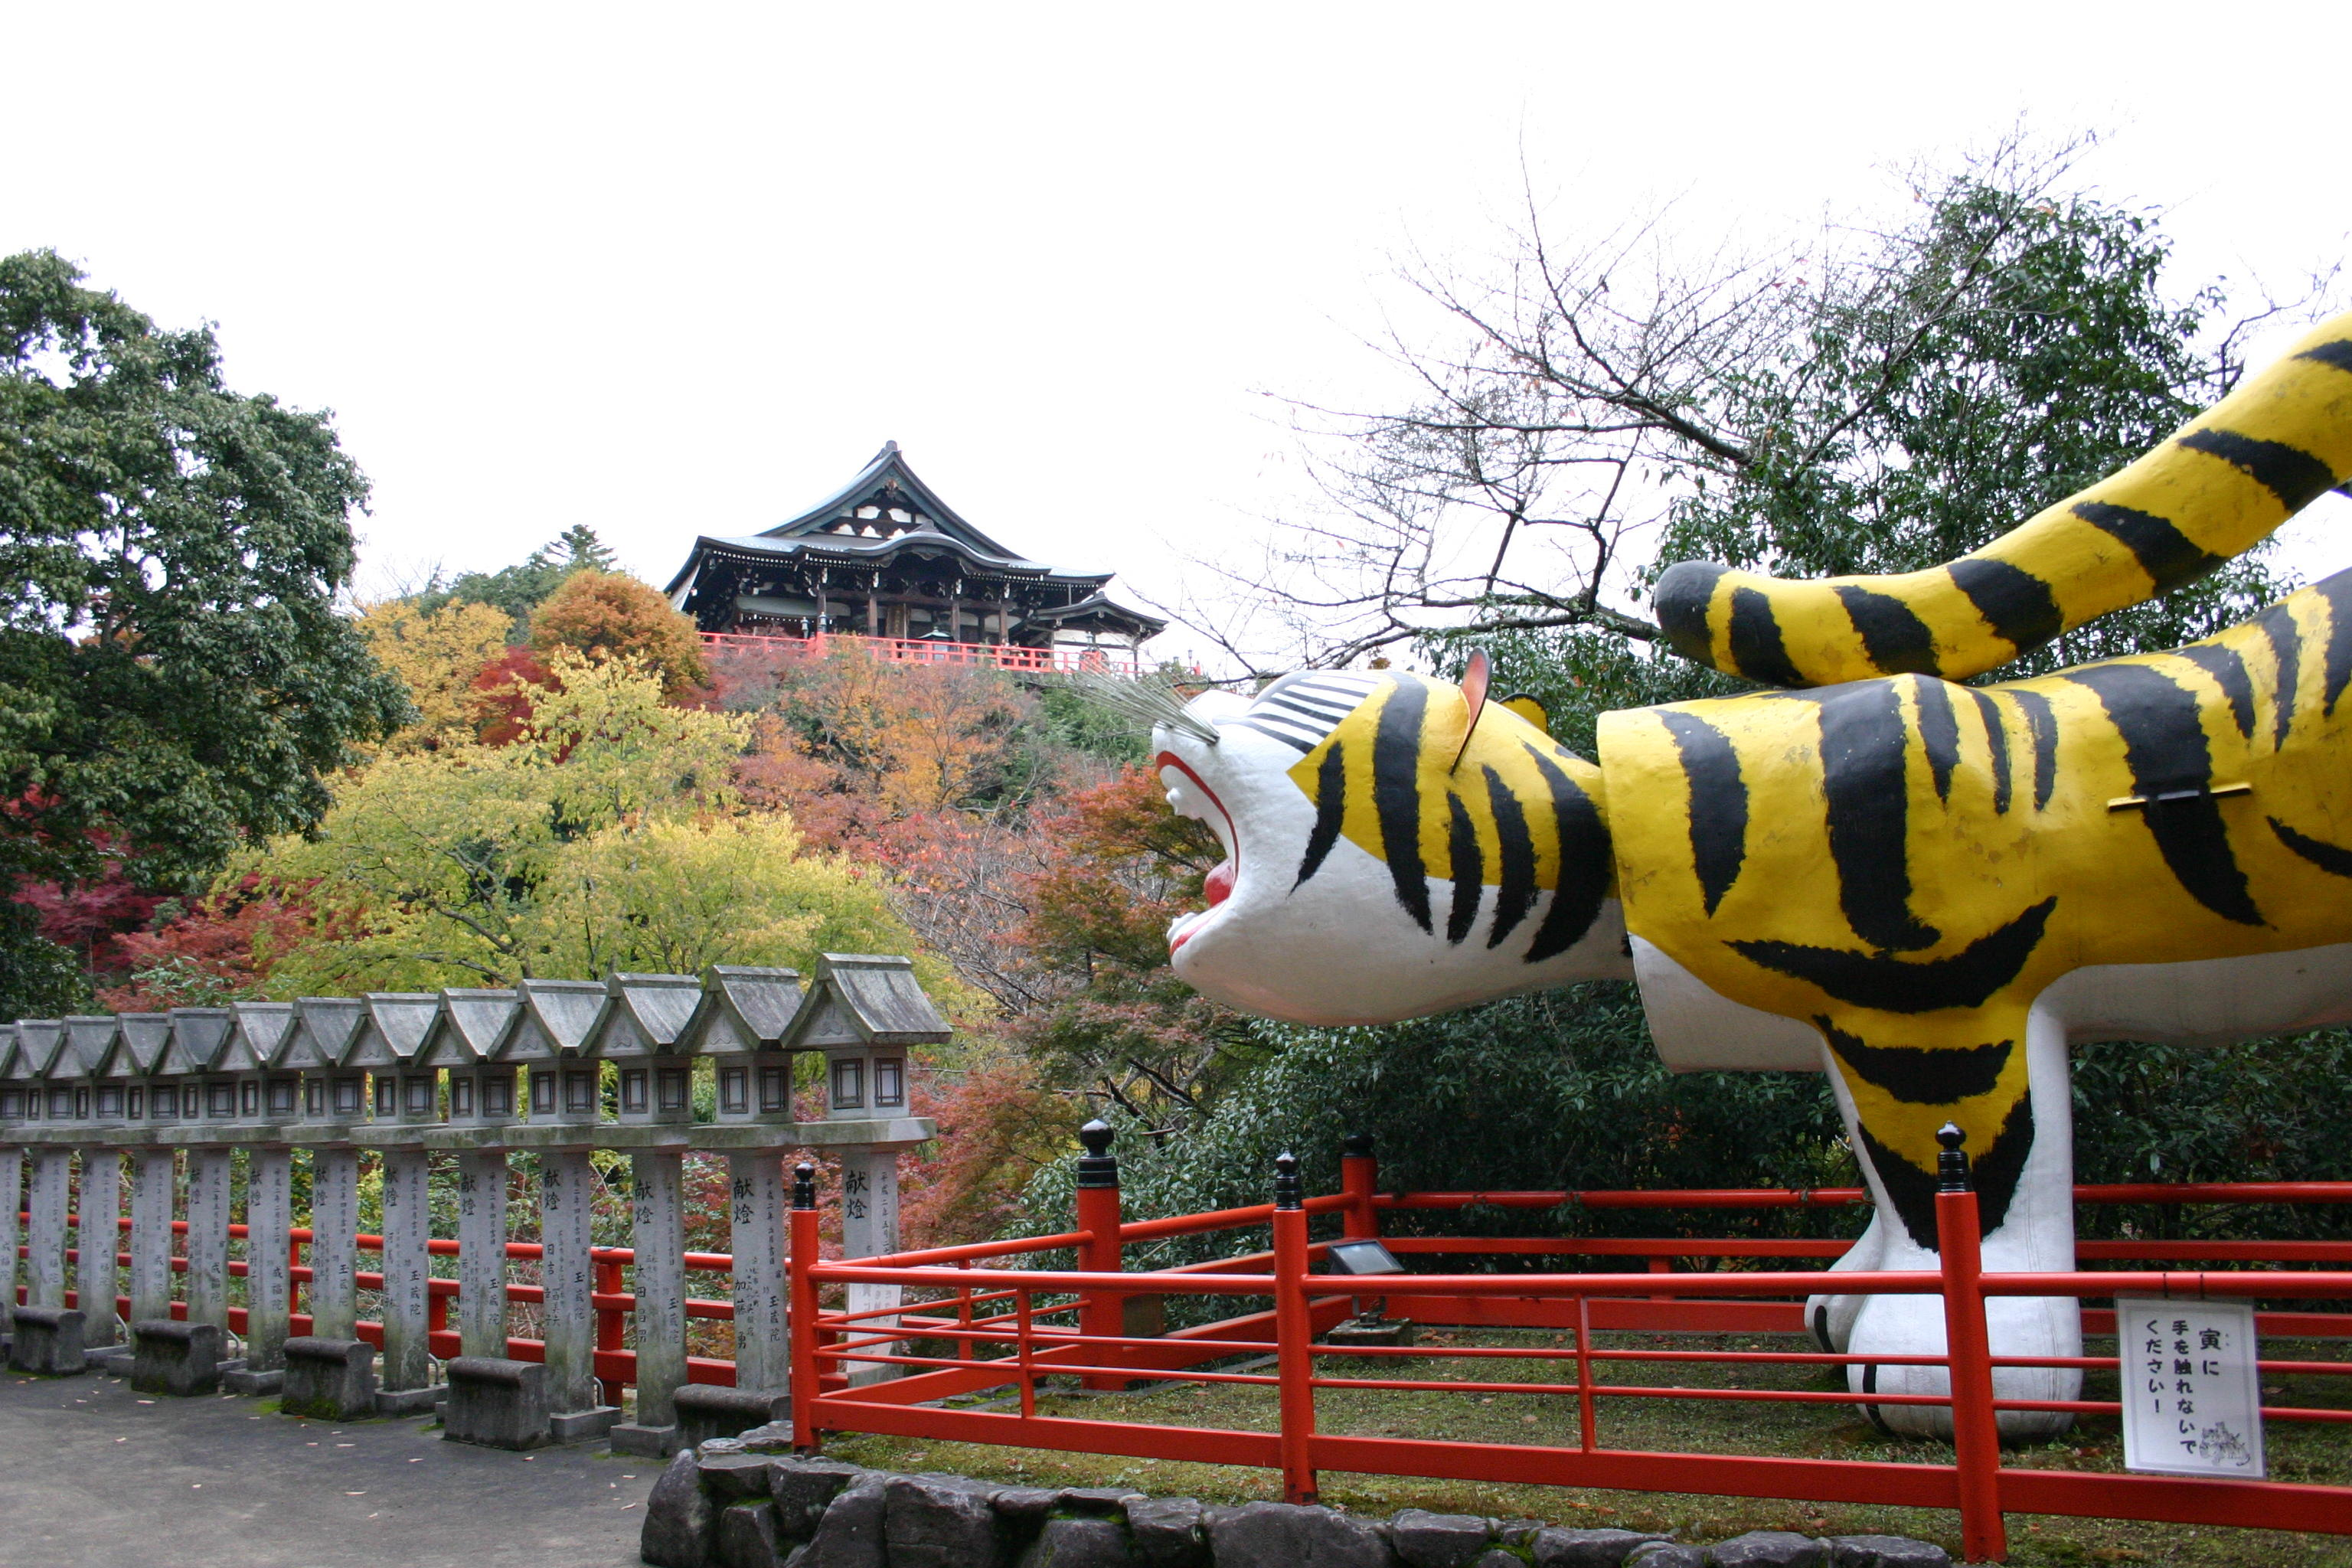 ユニークがいっぱい詰まった「信貴山」はお寺のテーマパーク!?